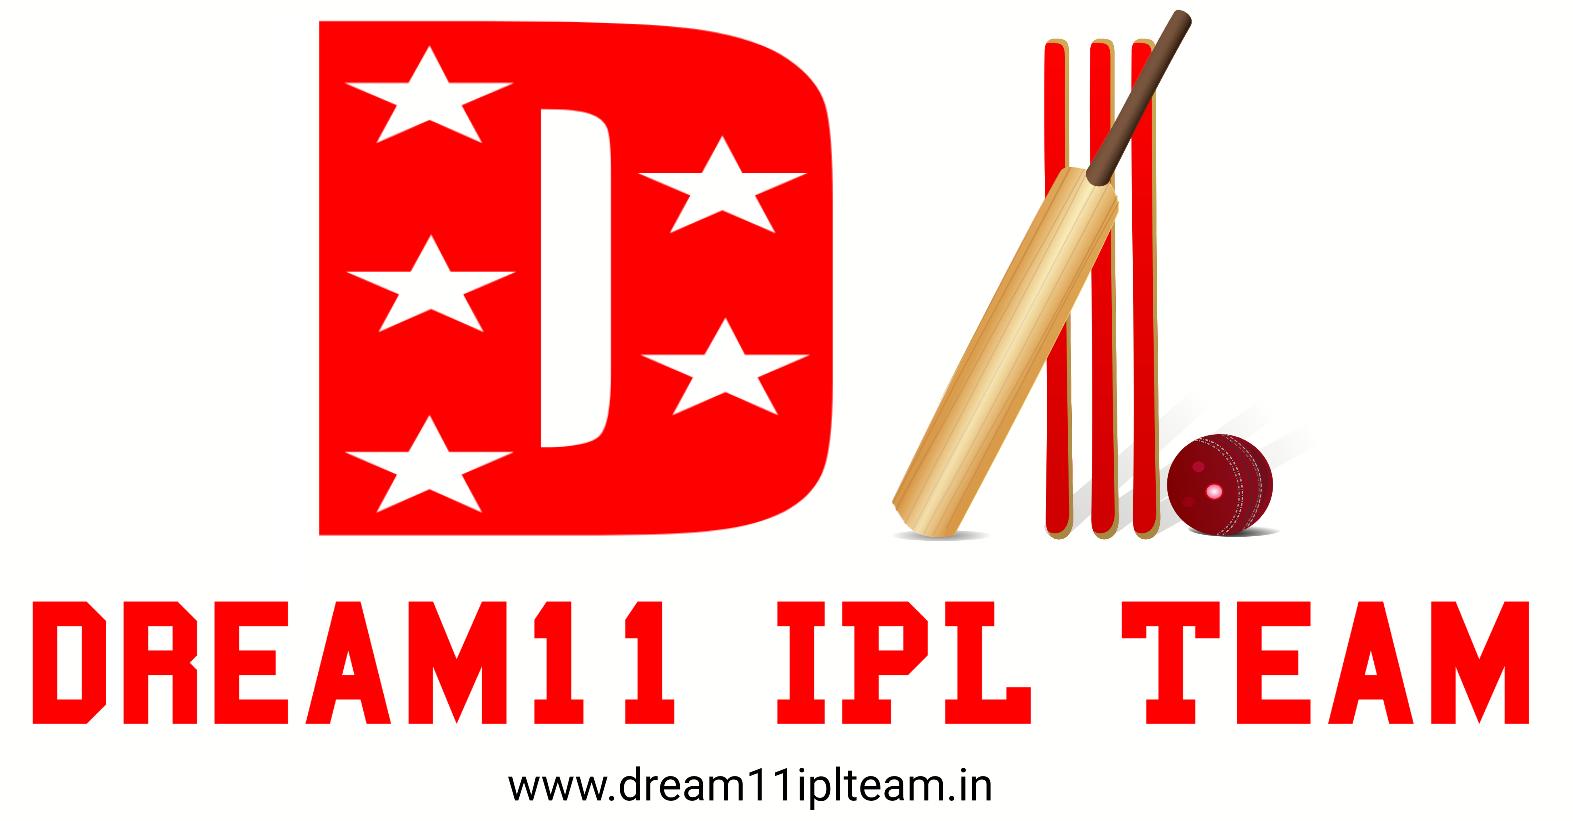 DREAM11 IPL Match Schedule 2020 in 2020 Match schedule